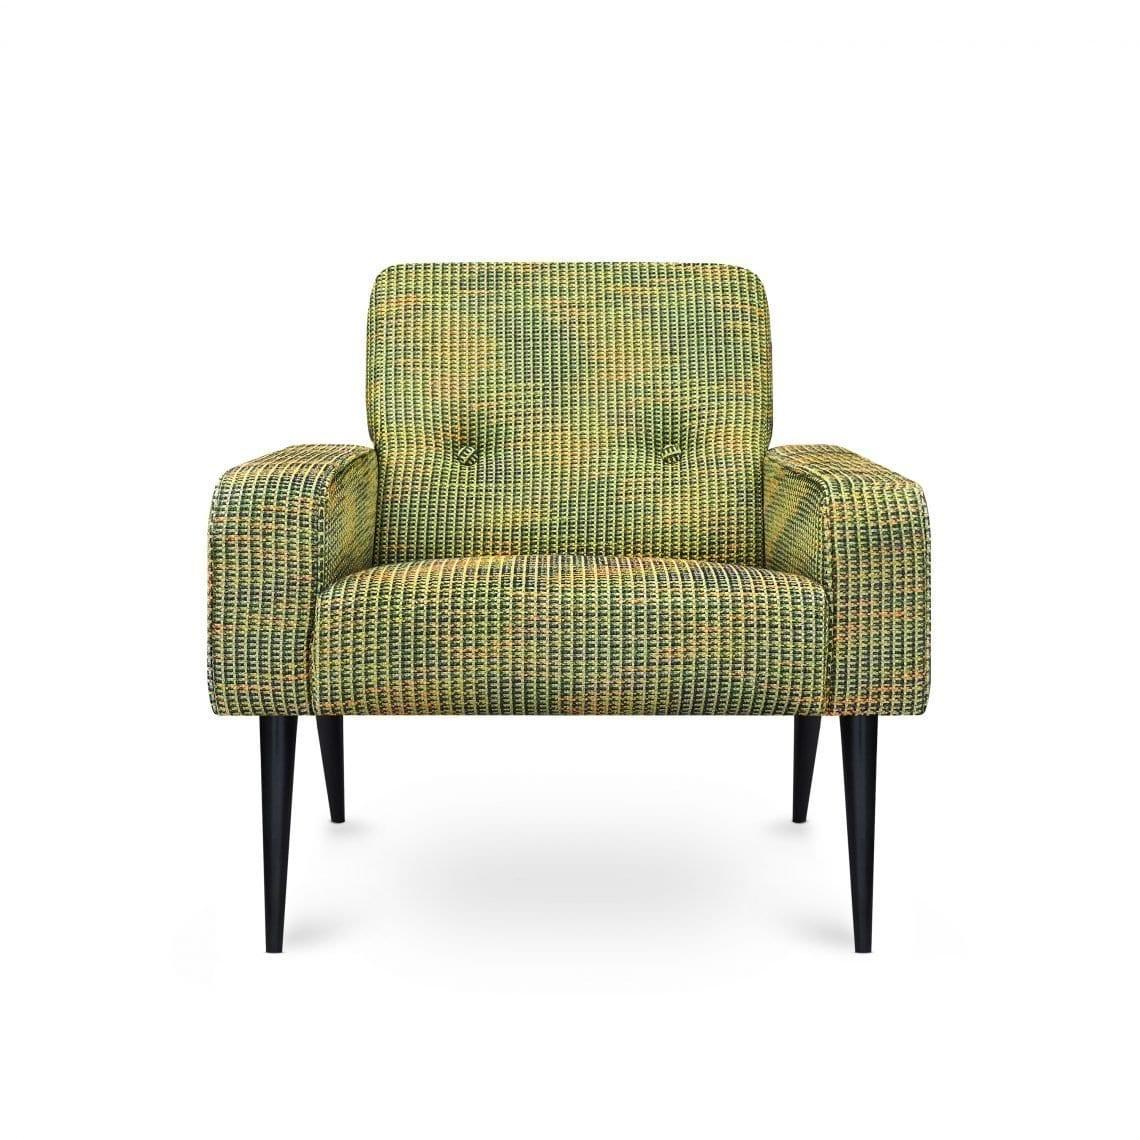 New vintage Dyker 60 in de tweed-achtige stof Breccia emerald van Designers Guild